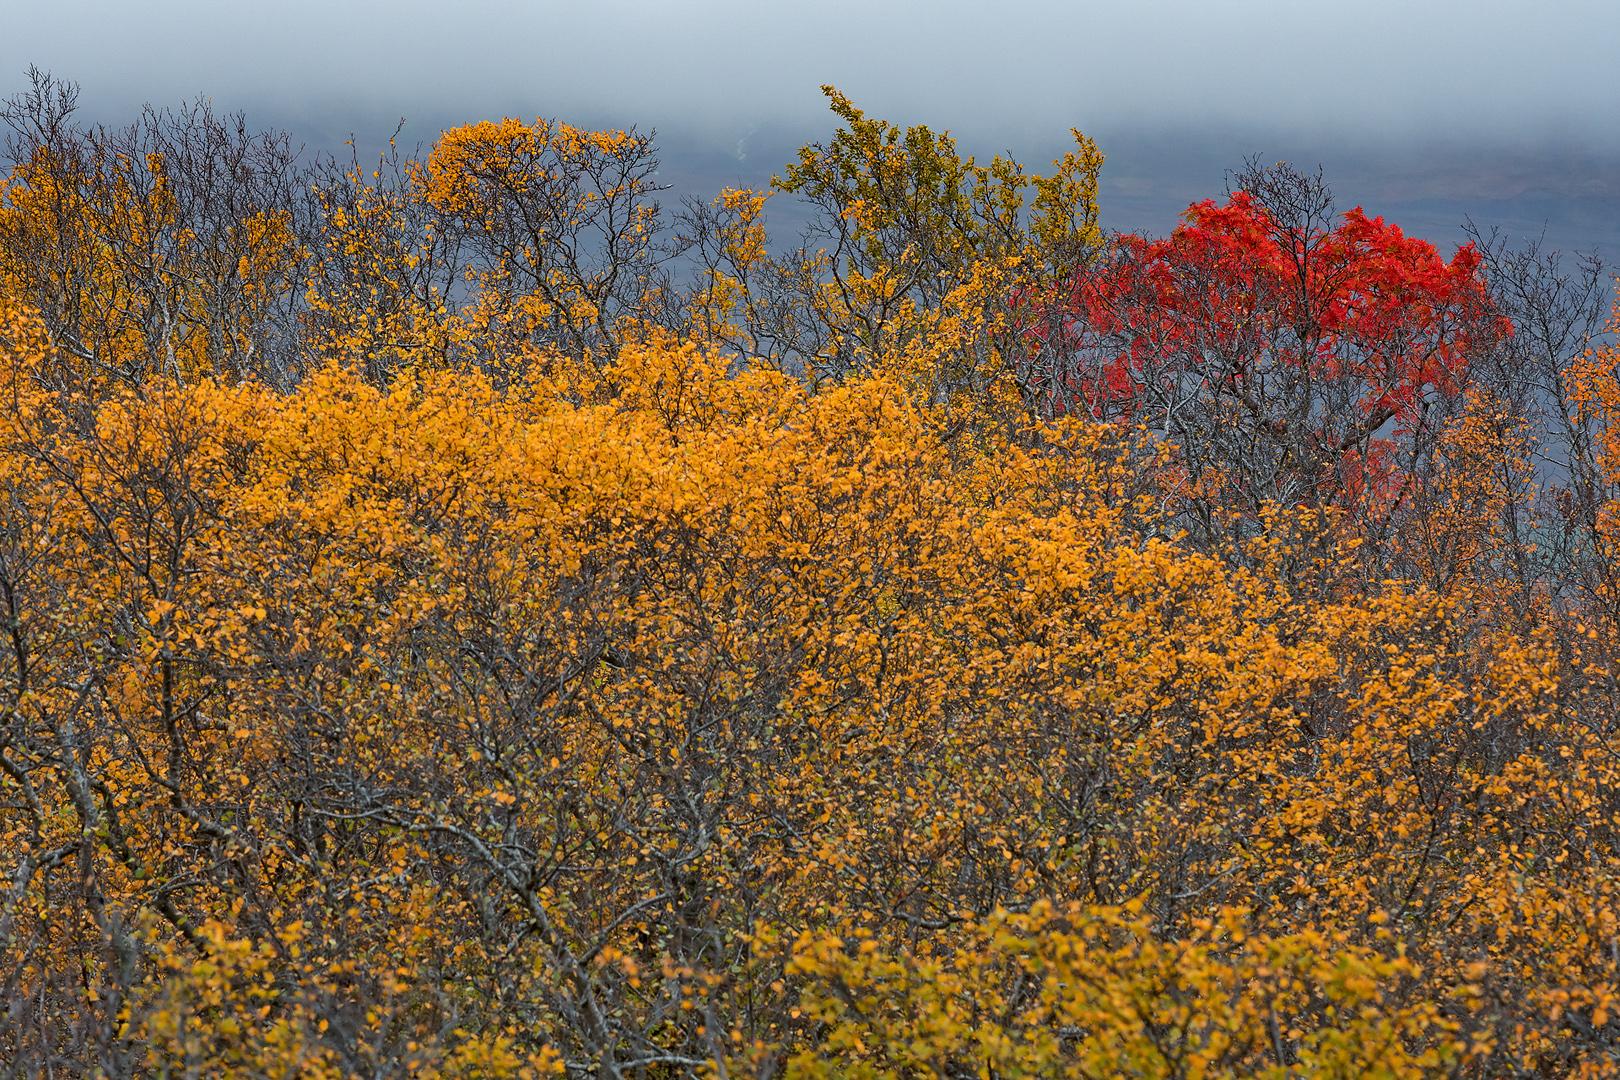 Lijsterbes tussen Berken - Sorbus in between Birch - Mehlbeeren zwissen Birken - Sorbus ddn